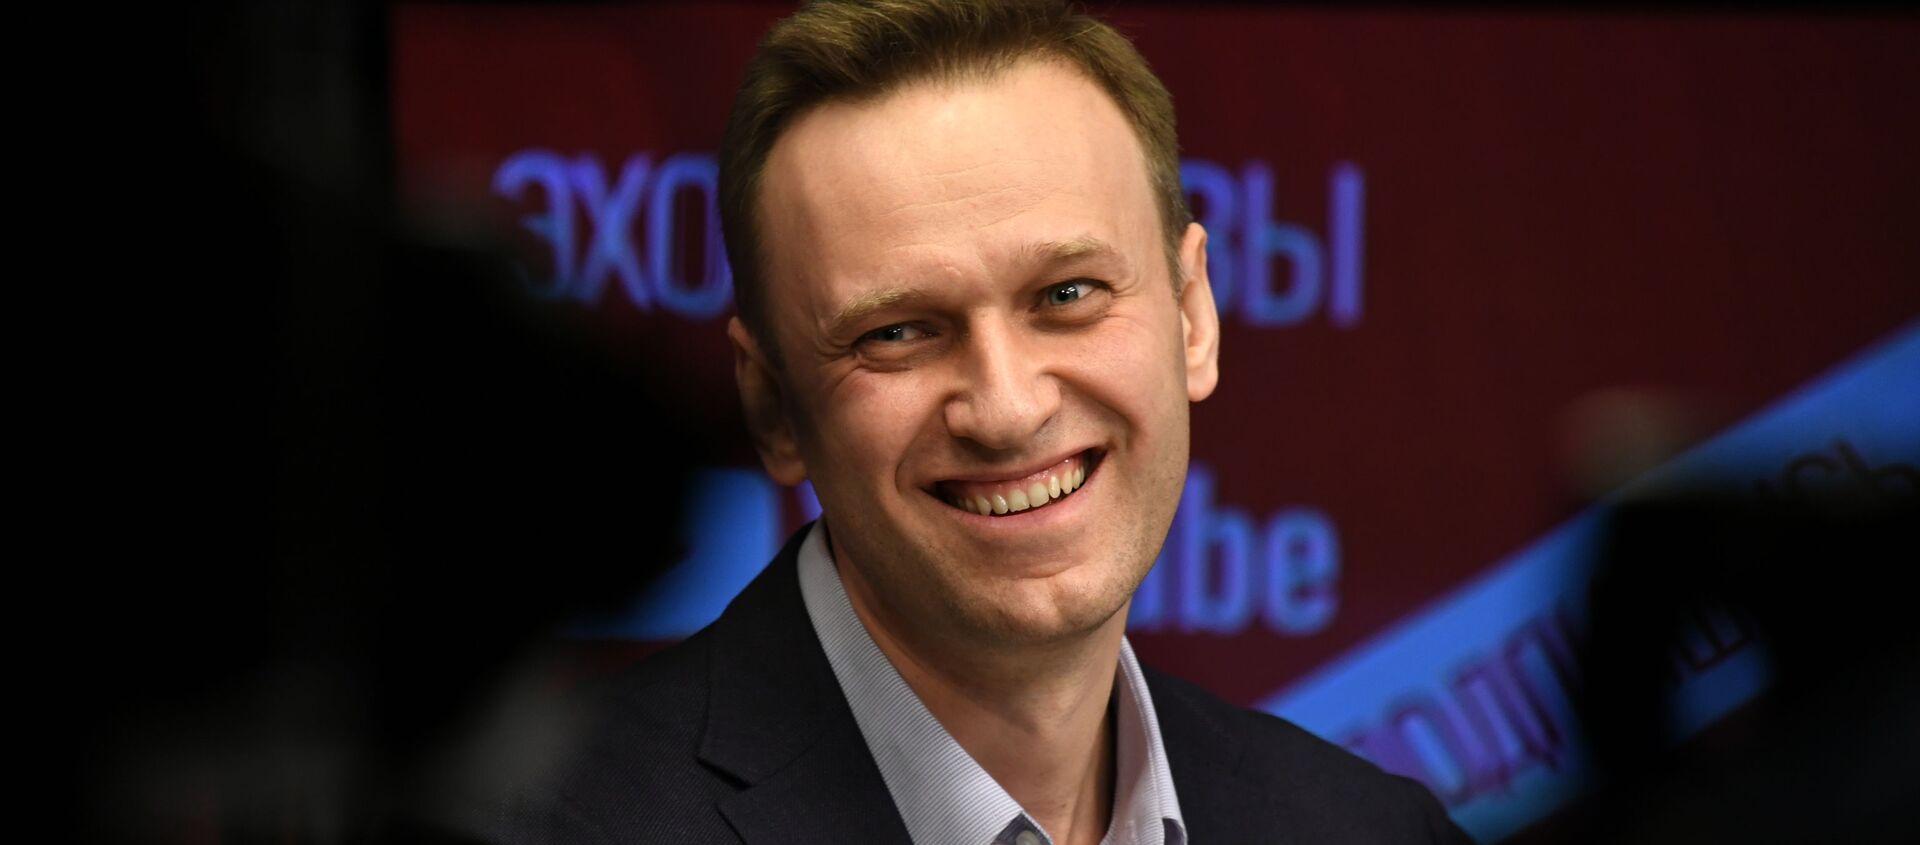 """Aleksiej Nawalny podczas wywiadu na antenie radia """"Echo Moskwy"""" - Sputnik Polska, 1920, 01.02.2021"""